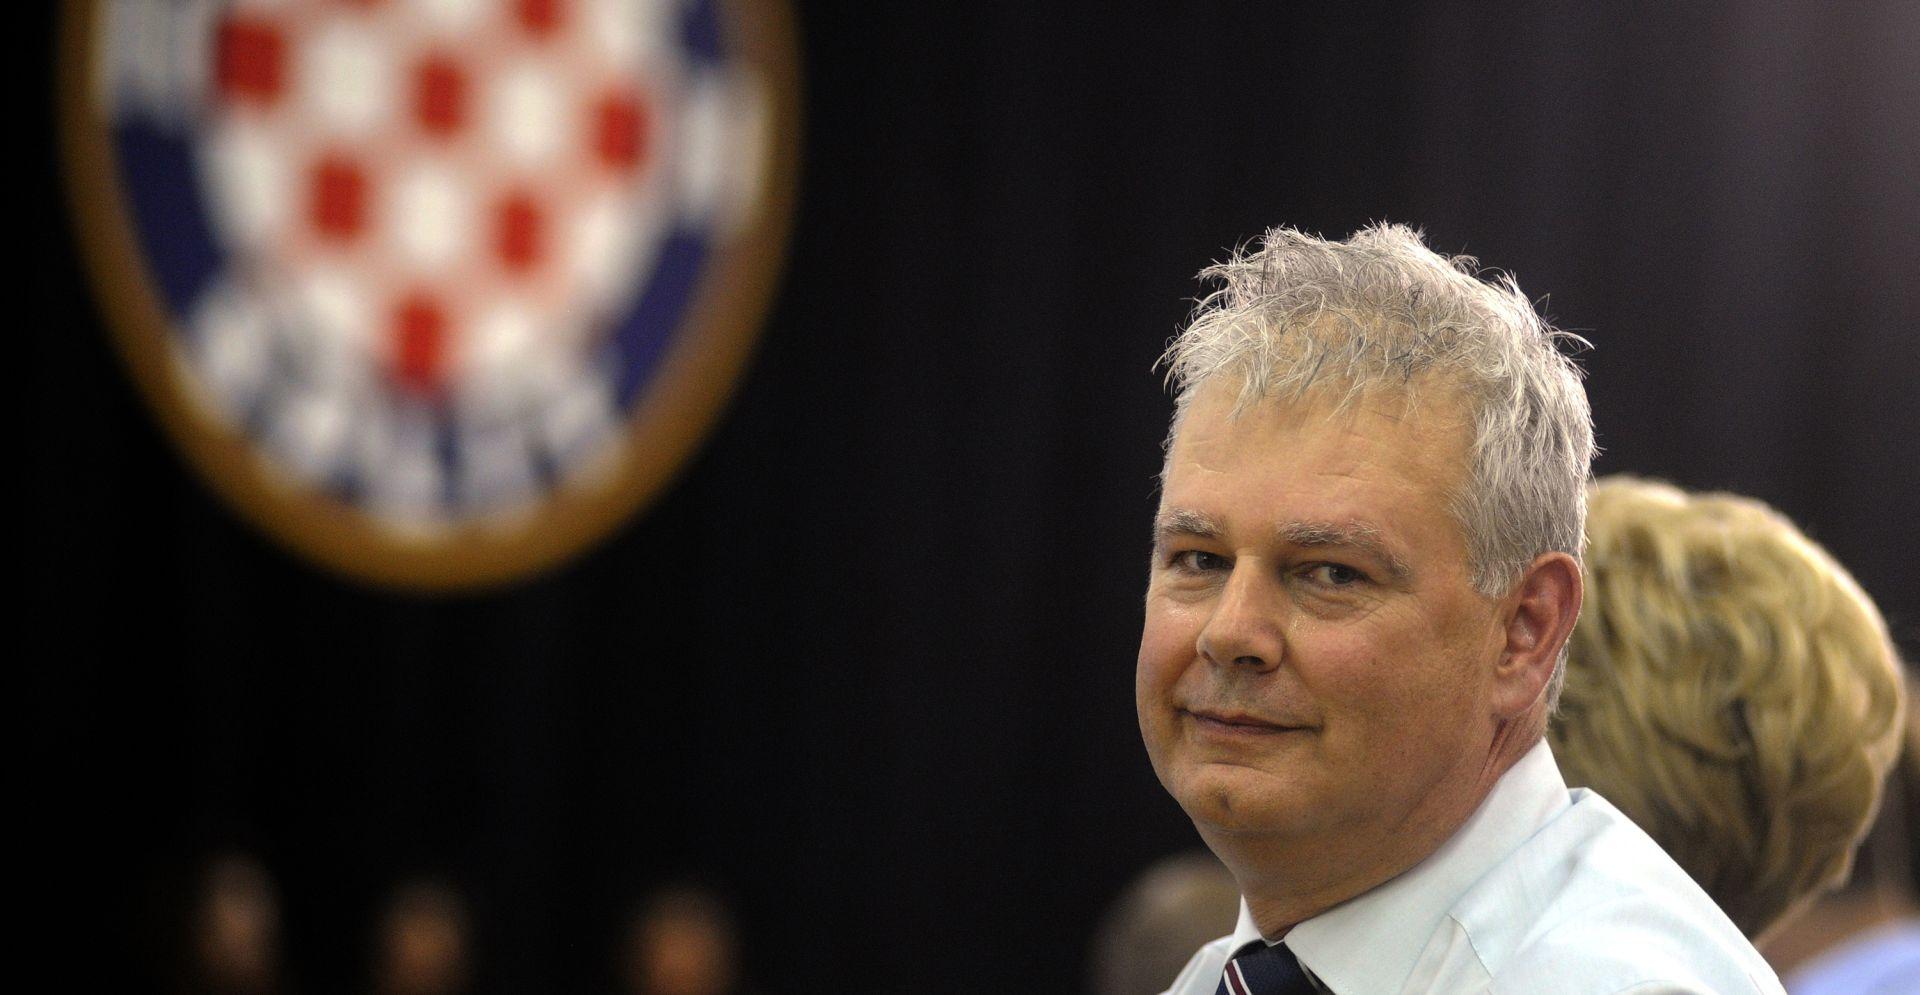 NADZORNI ODBOR GLASAO Marin Brbić ostaje predsjednik Hajduka